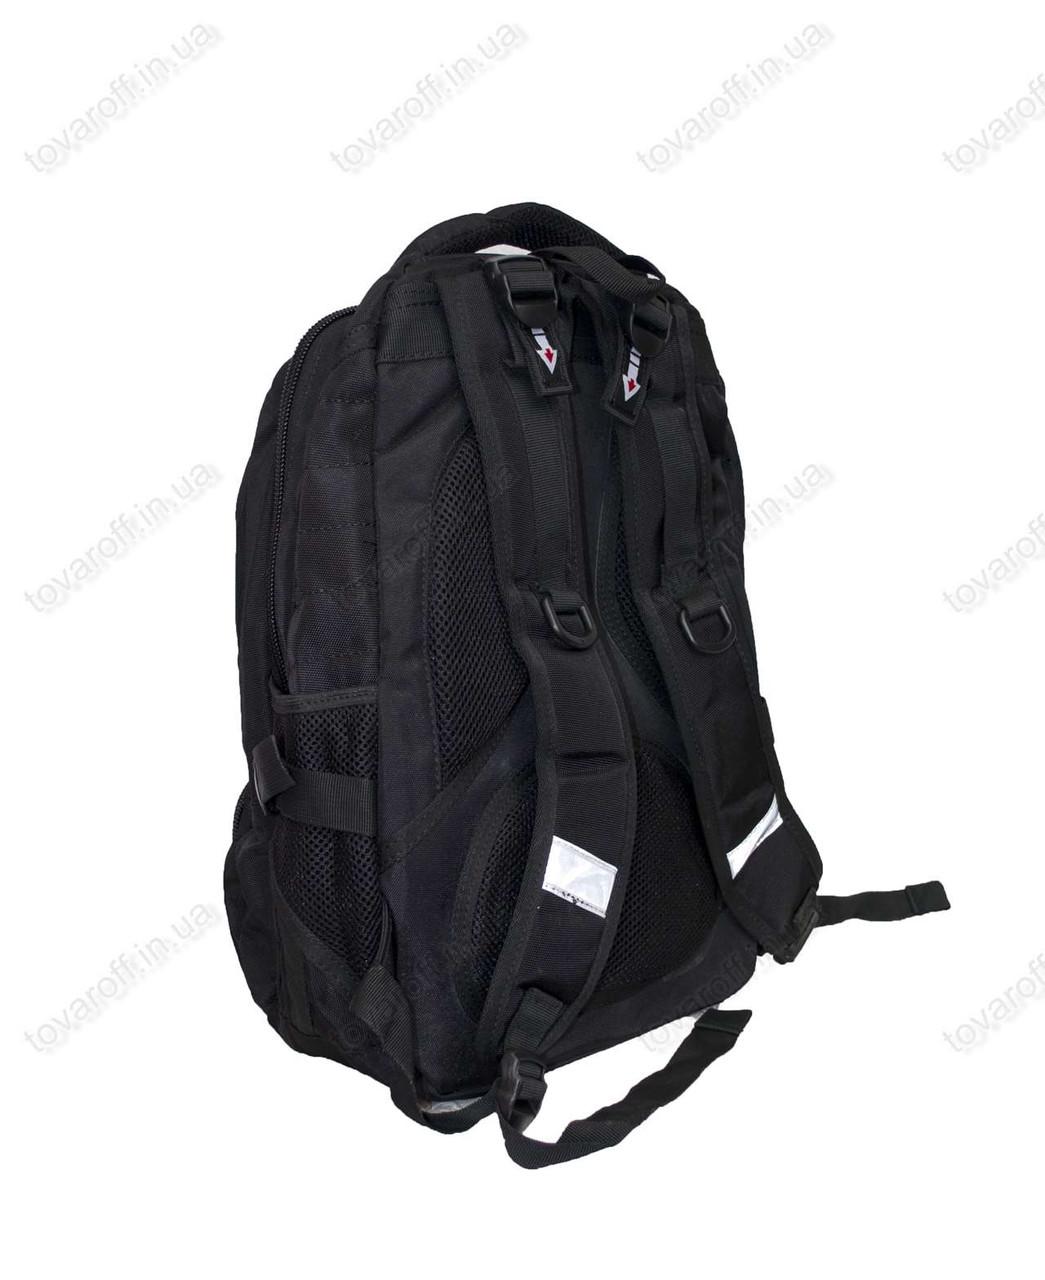 Рюкзаки городские милитари черные детские рюкзаки на колесиках для малышей